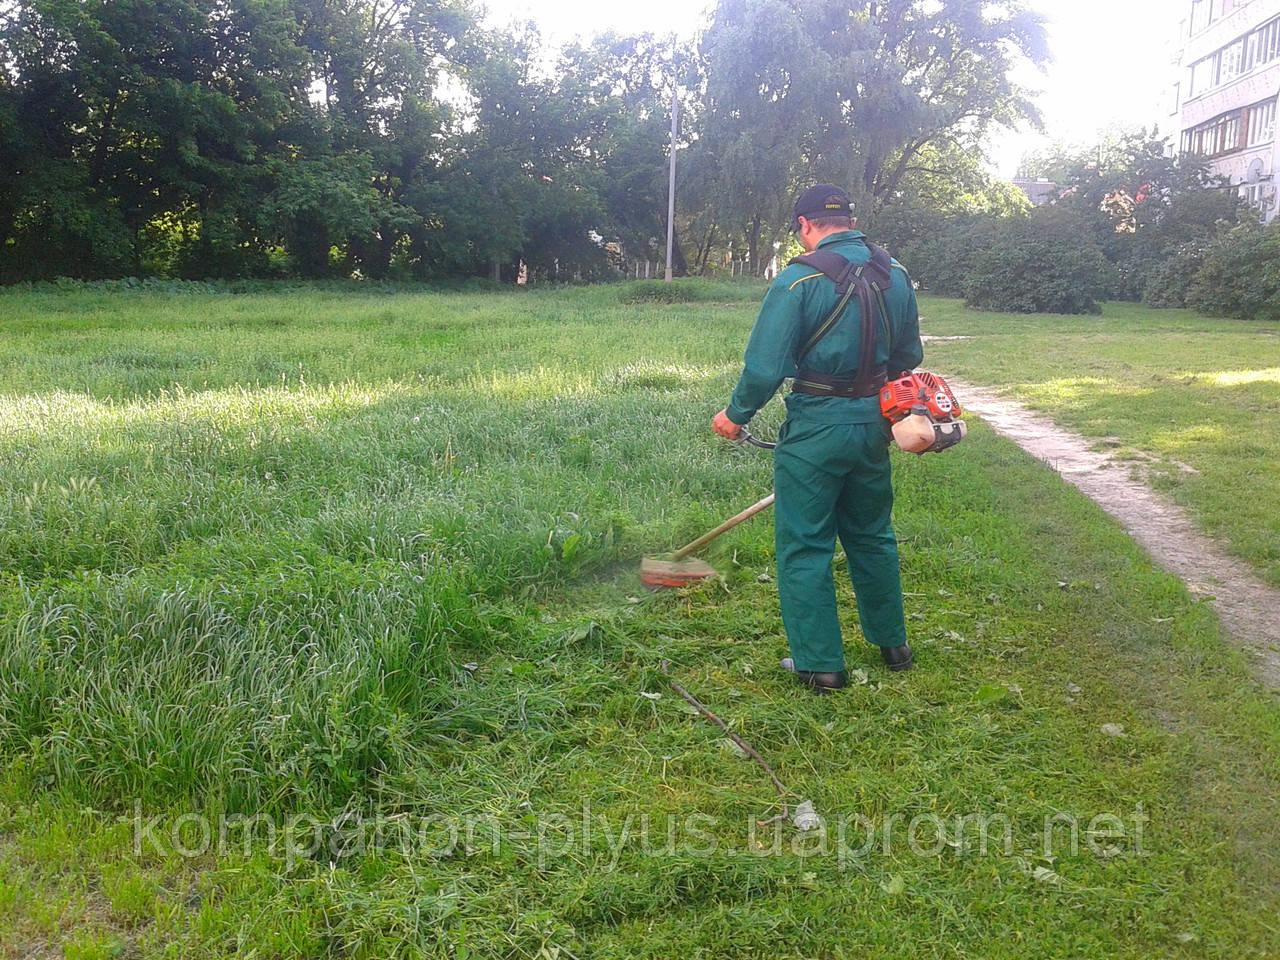 Скосить траву. Покосить траву. Скосить траву на даче. Скосить траву на участке. Покос травы и бурьяна.